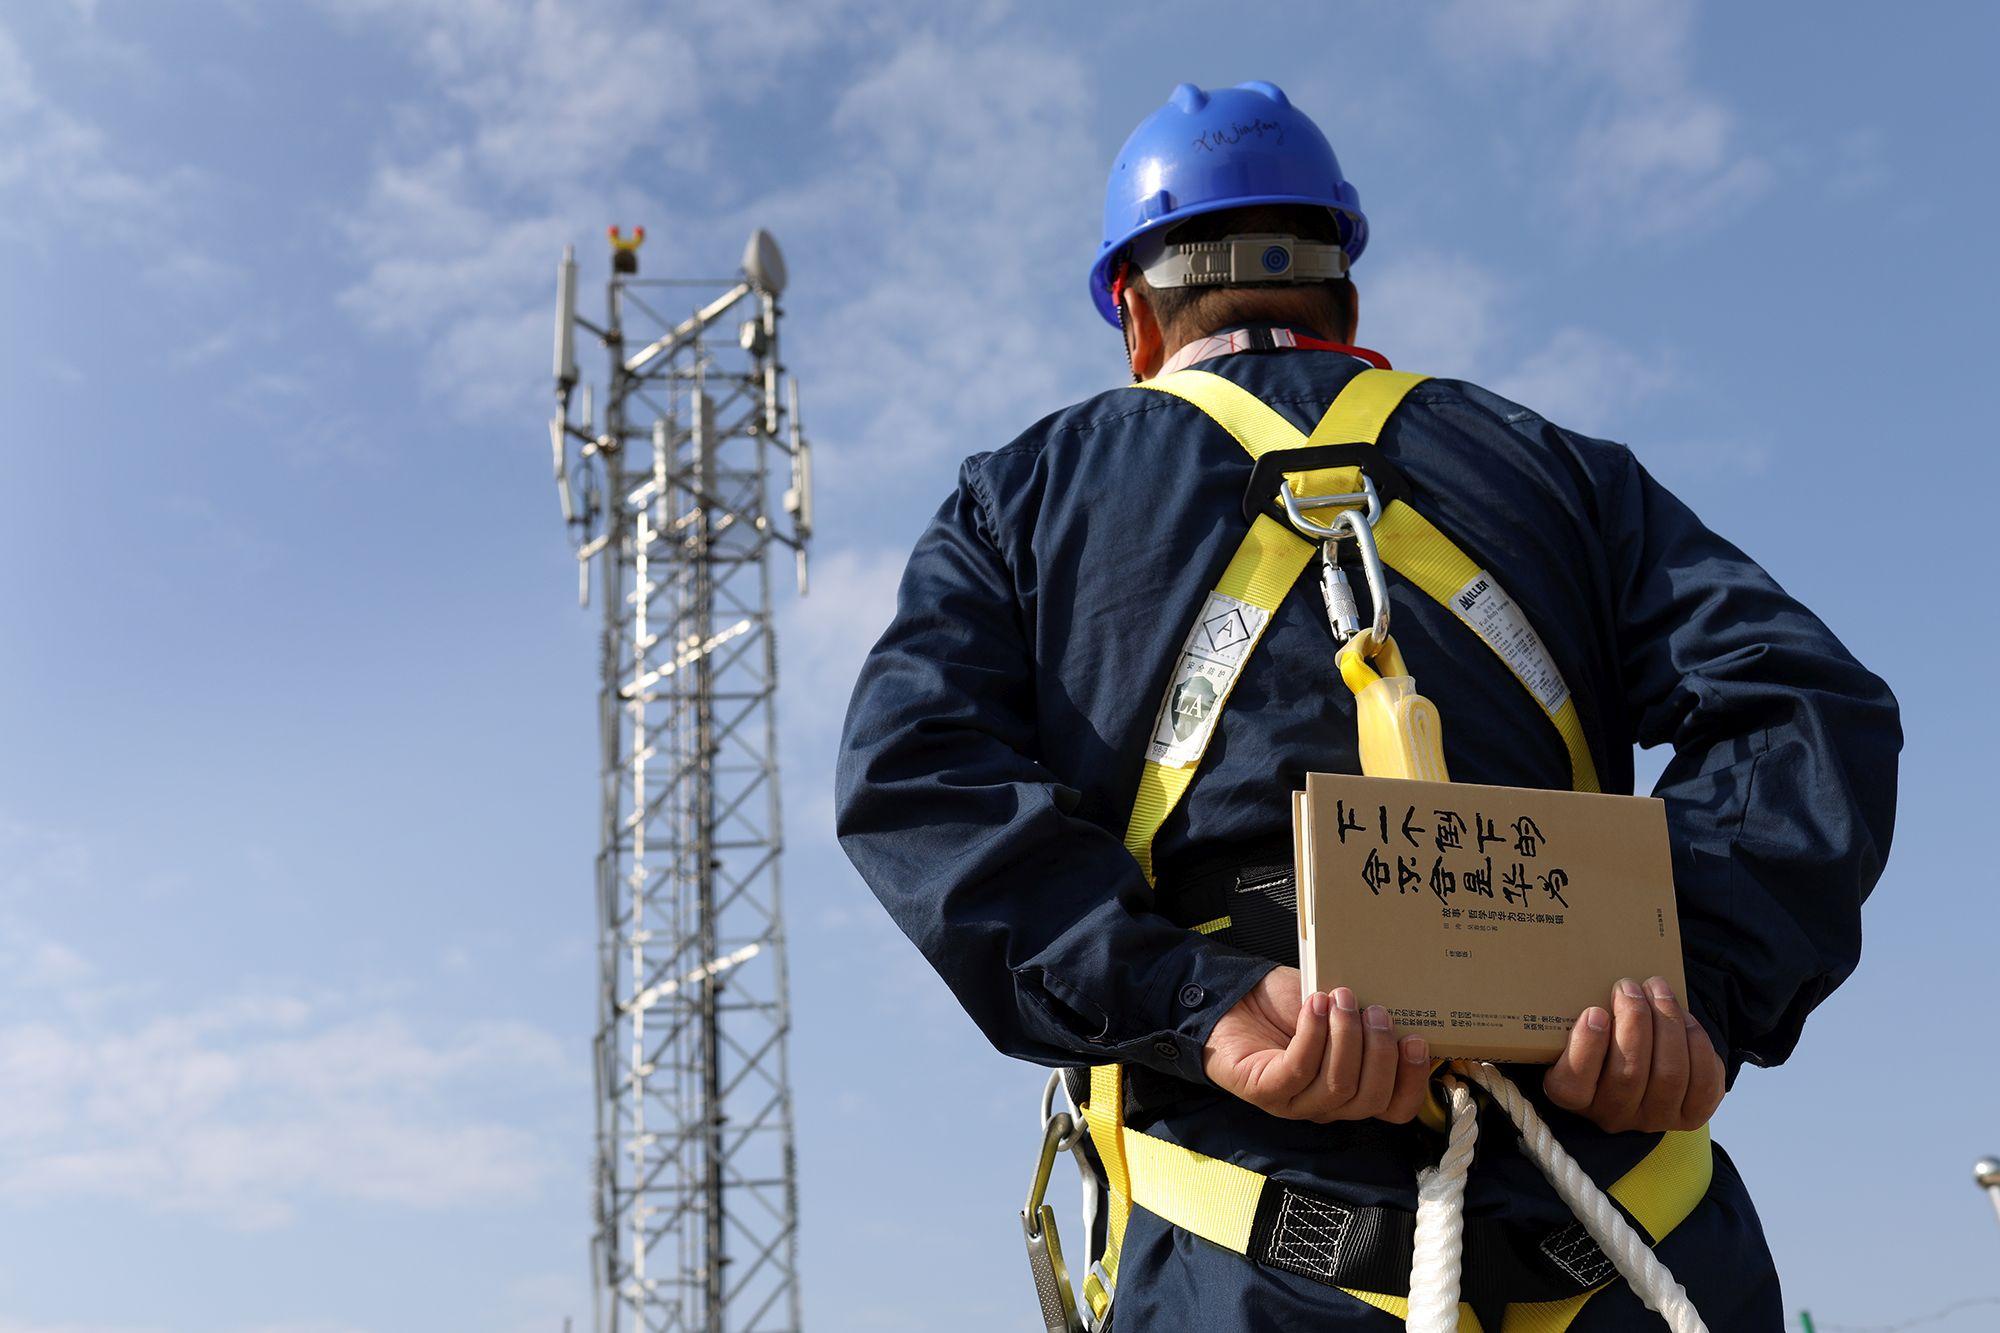 Huawei stara się zwiększać efektywność energetyczną wież telekomunikacyjnych (fot. mat. pras.)